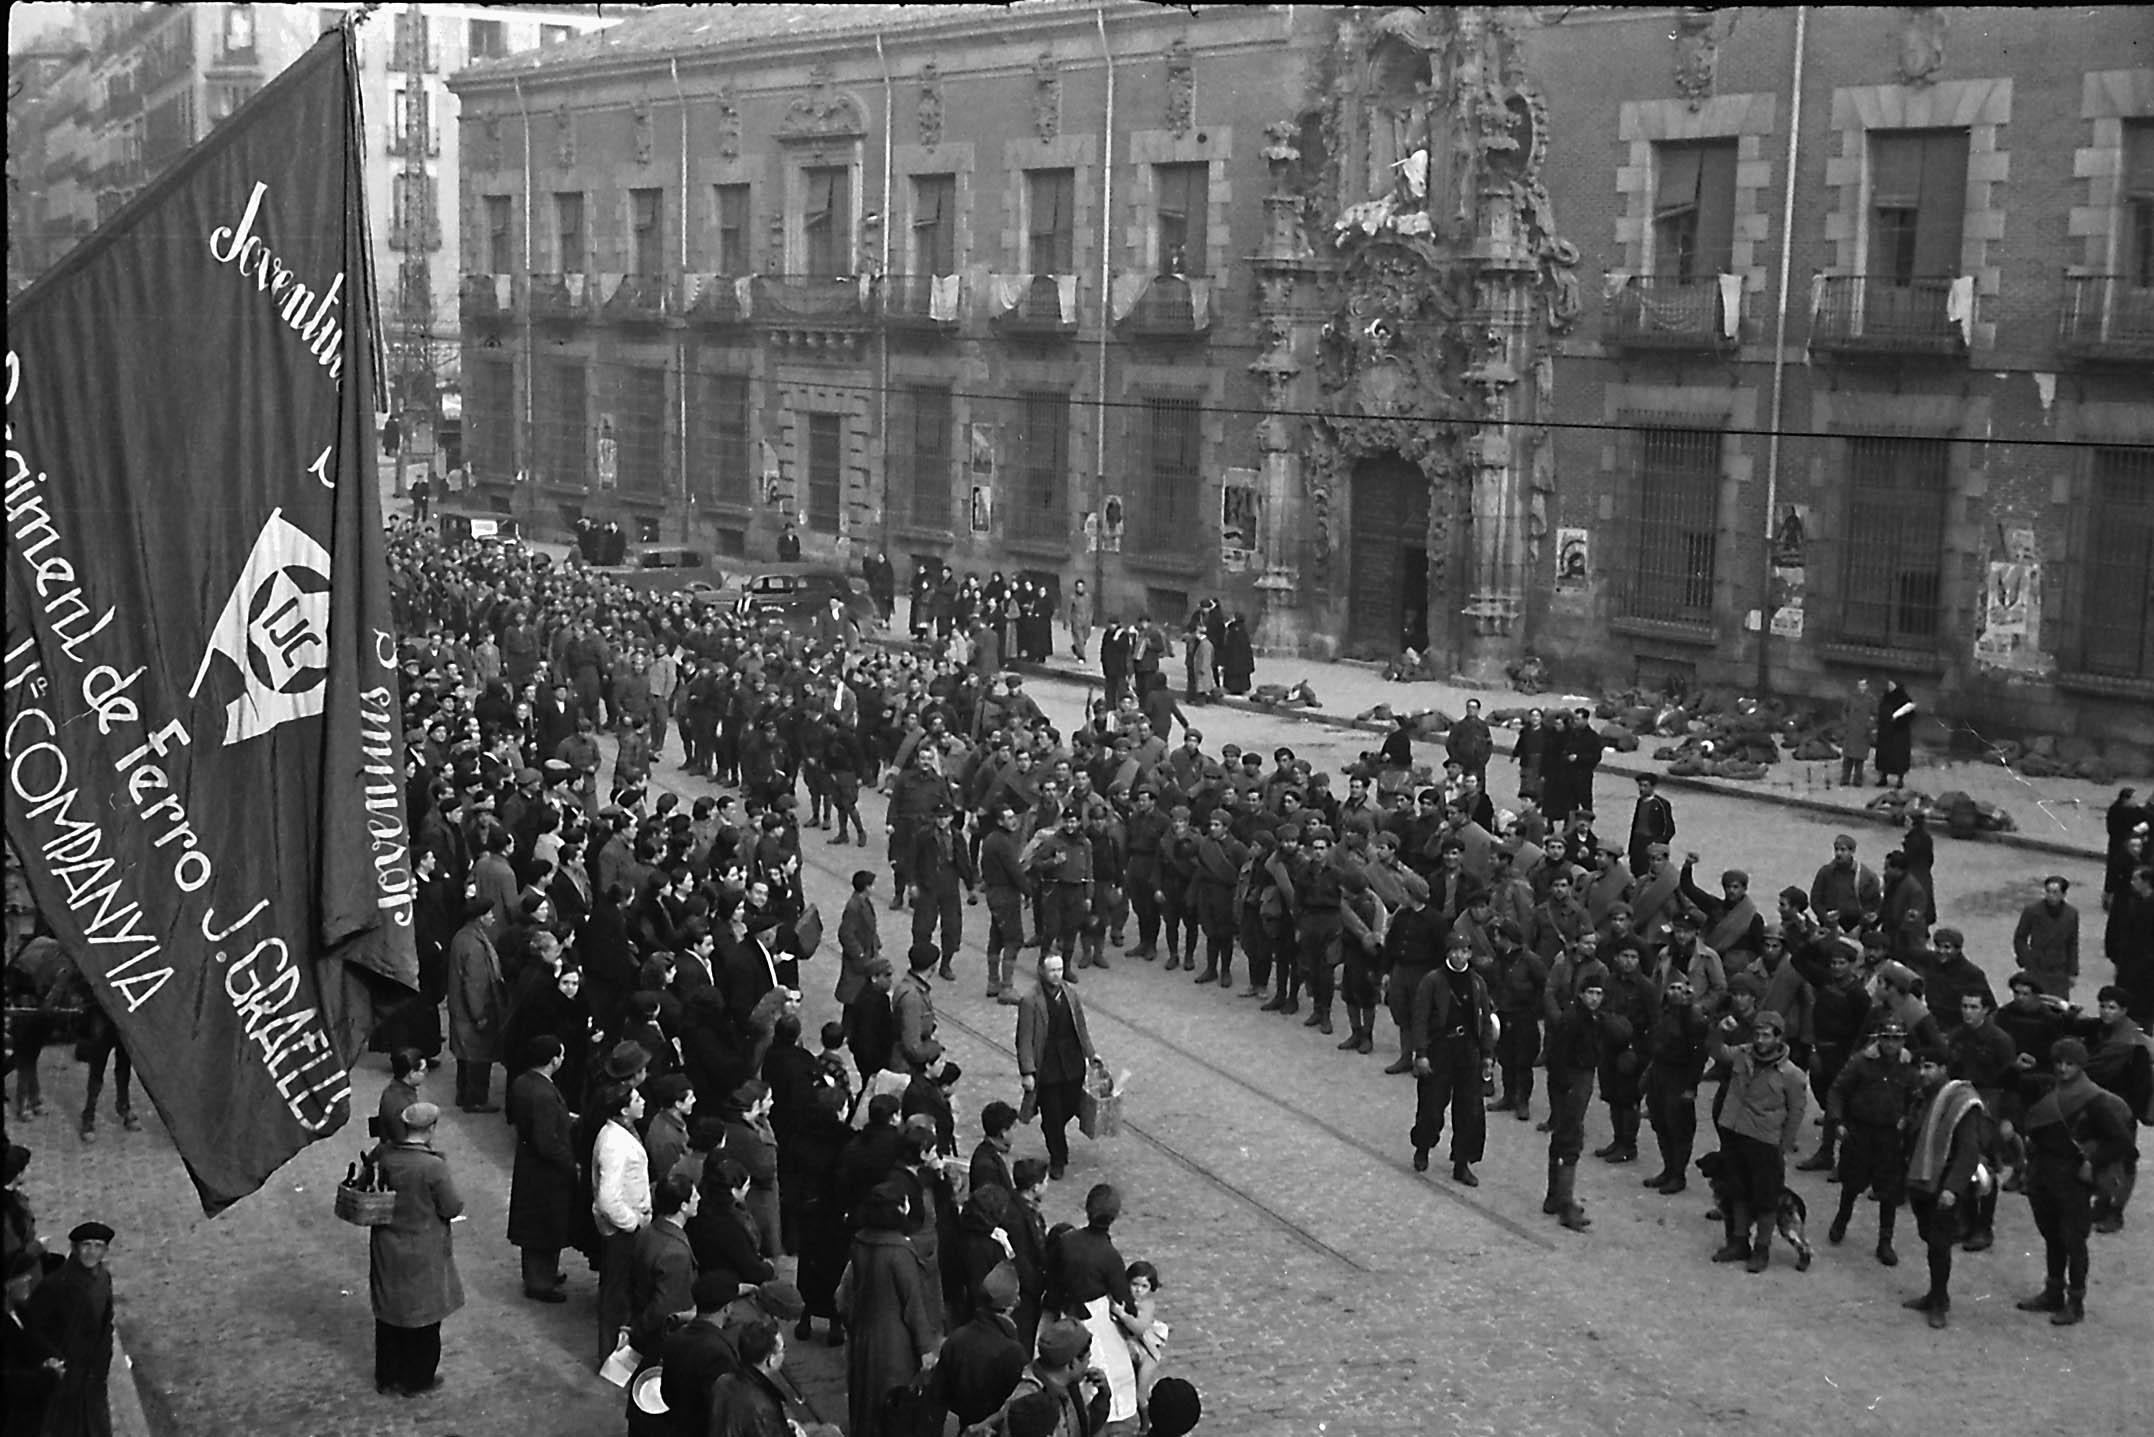 Batallón Jaume Graells, de las JSU catalanas, llegados a Madrid para su defensa. Calle Fuencarral, antiguo Hospicio, Madrid, principios de febrero de 1937. Walter Reuter. CDMH.